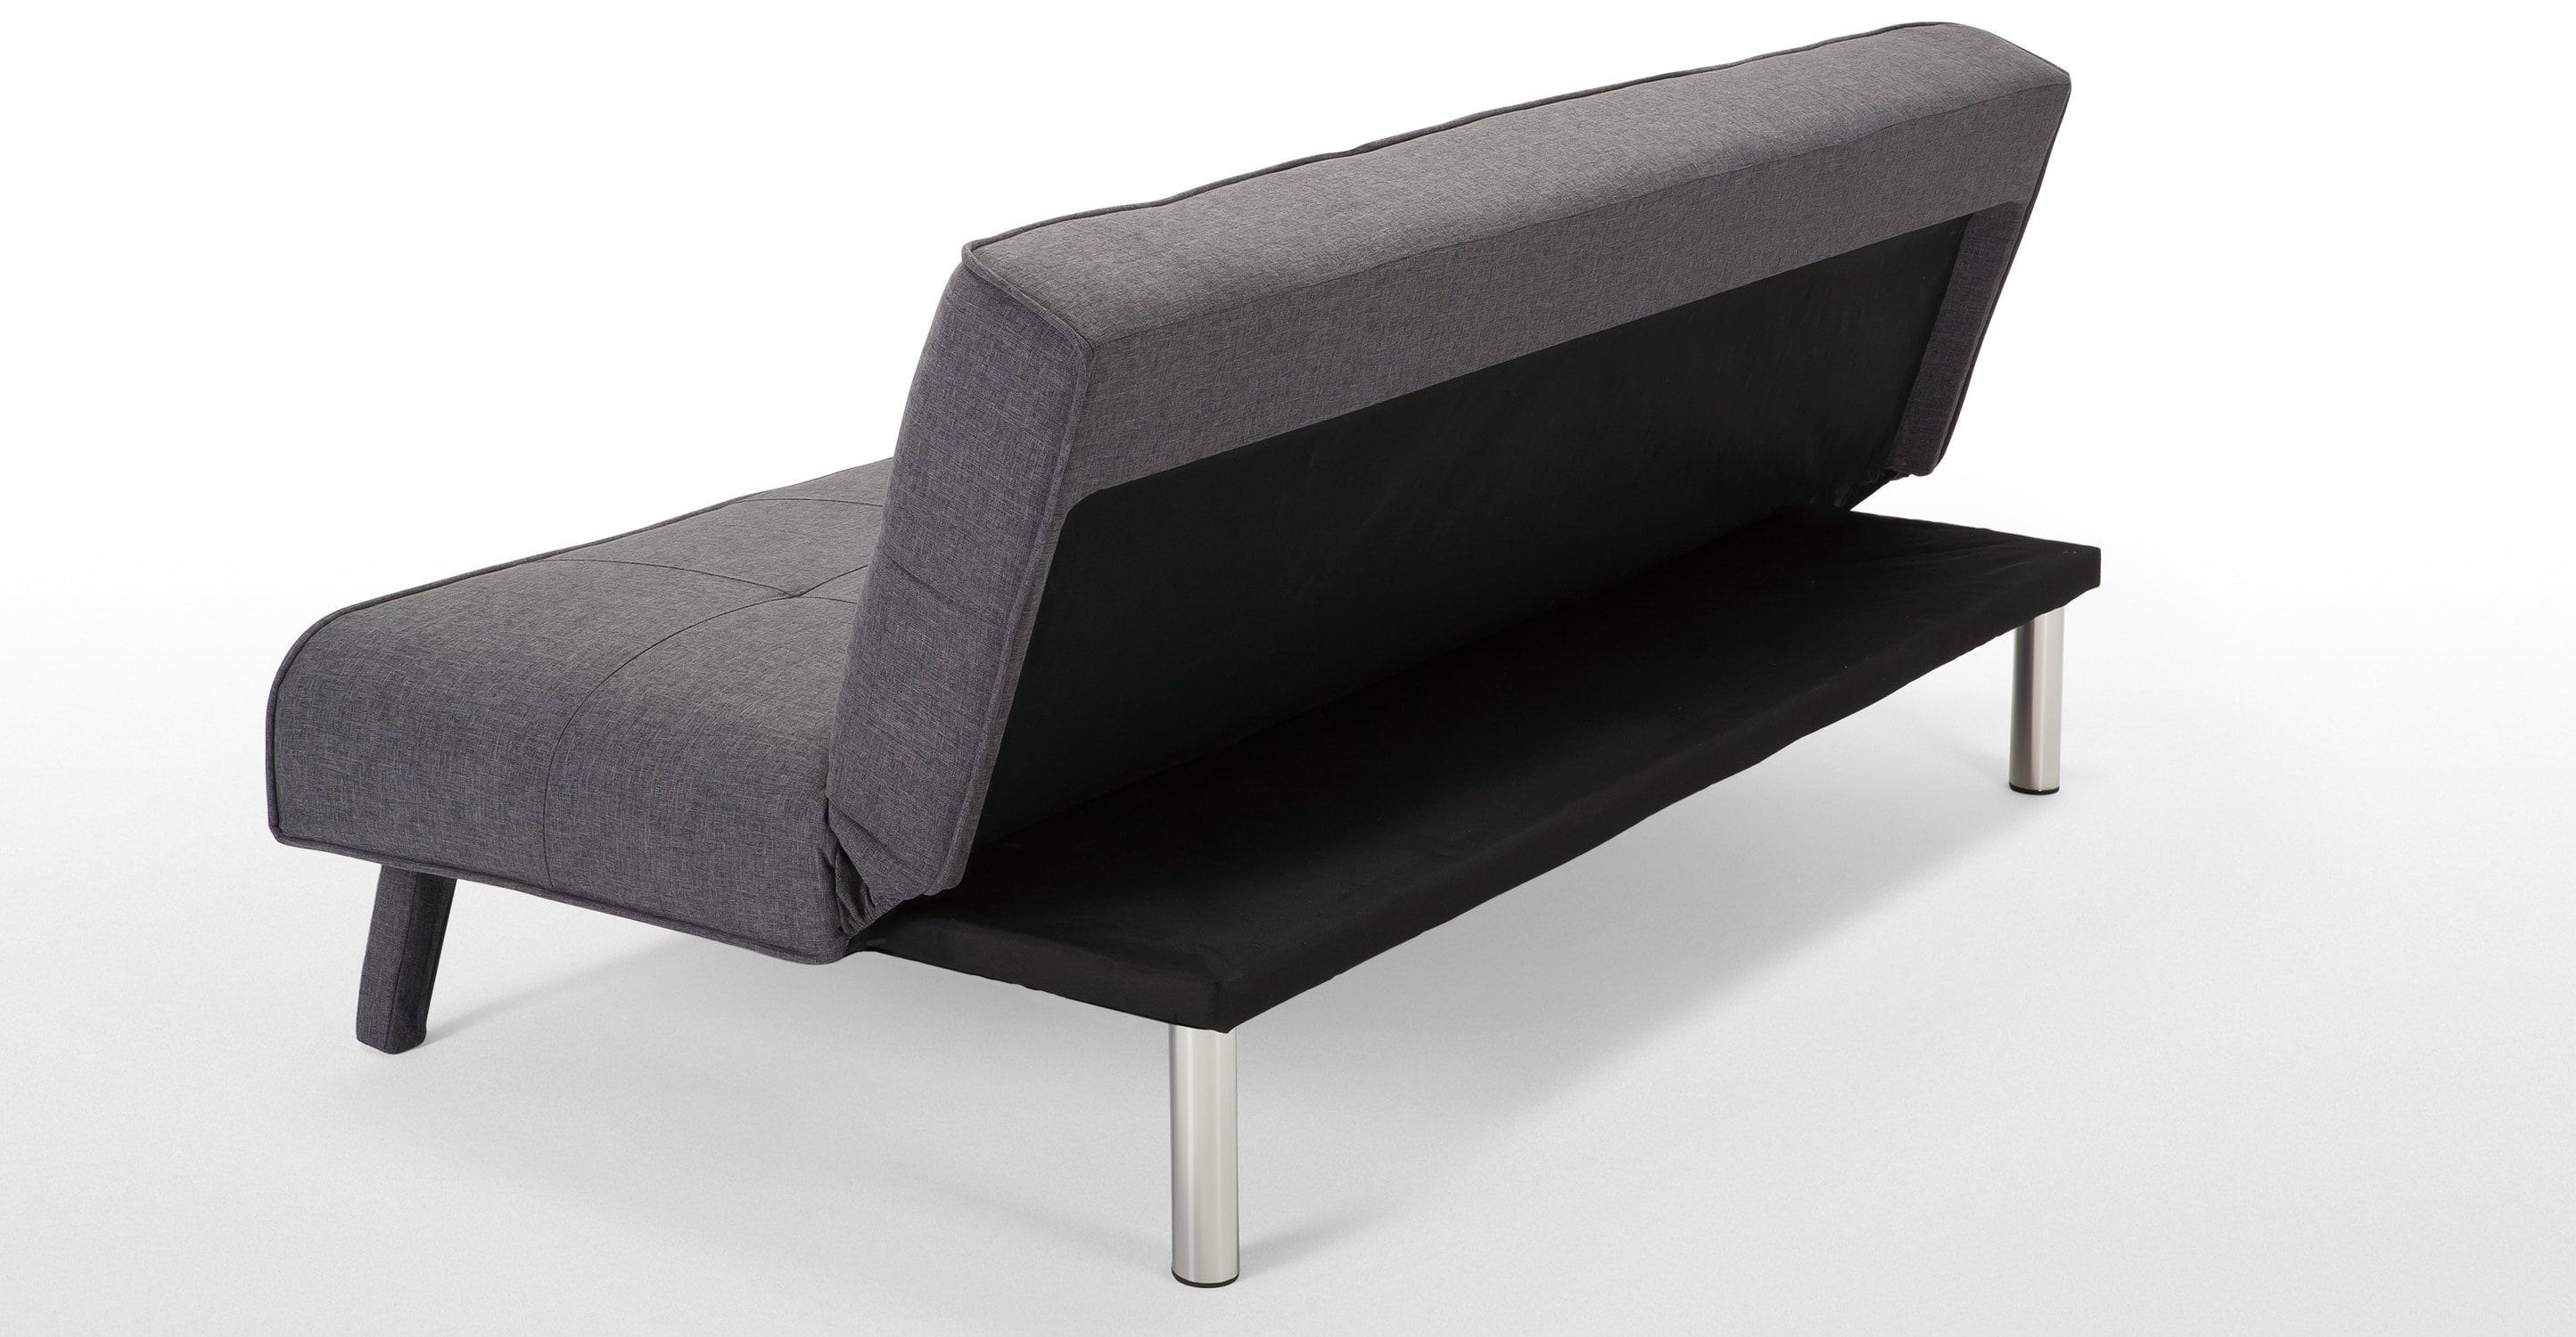 sofabed a sofa bed, in cygnet grey CWNGAIF